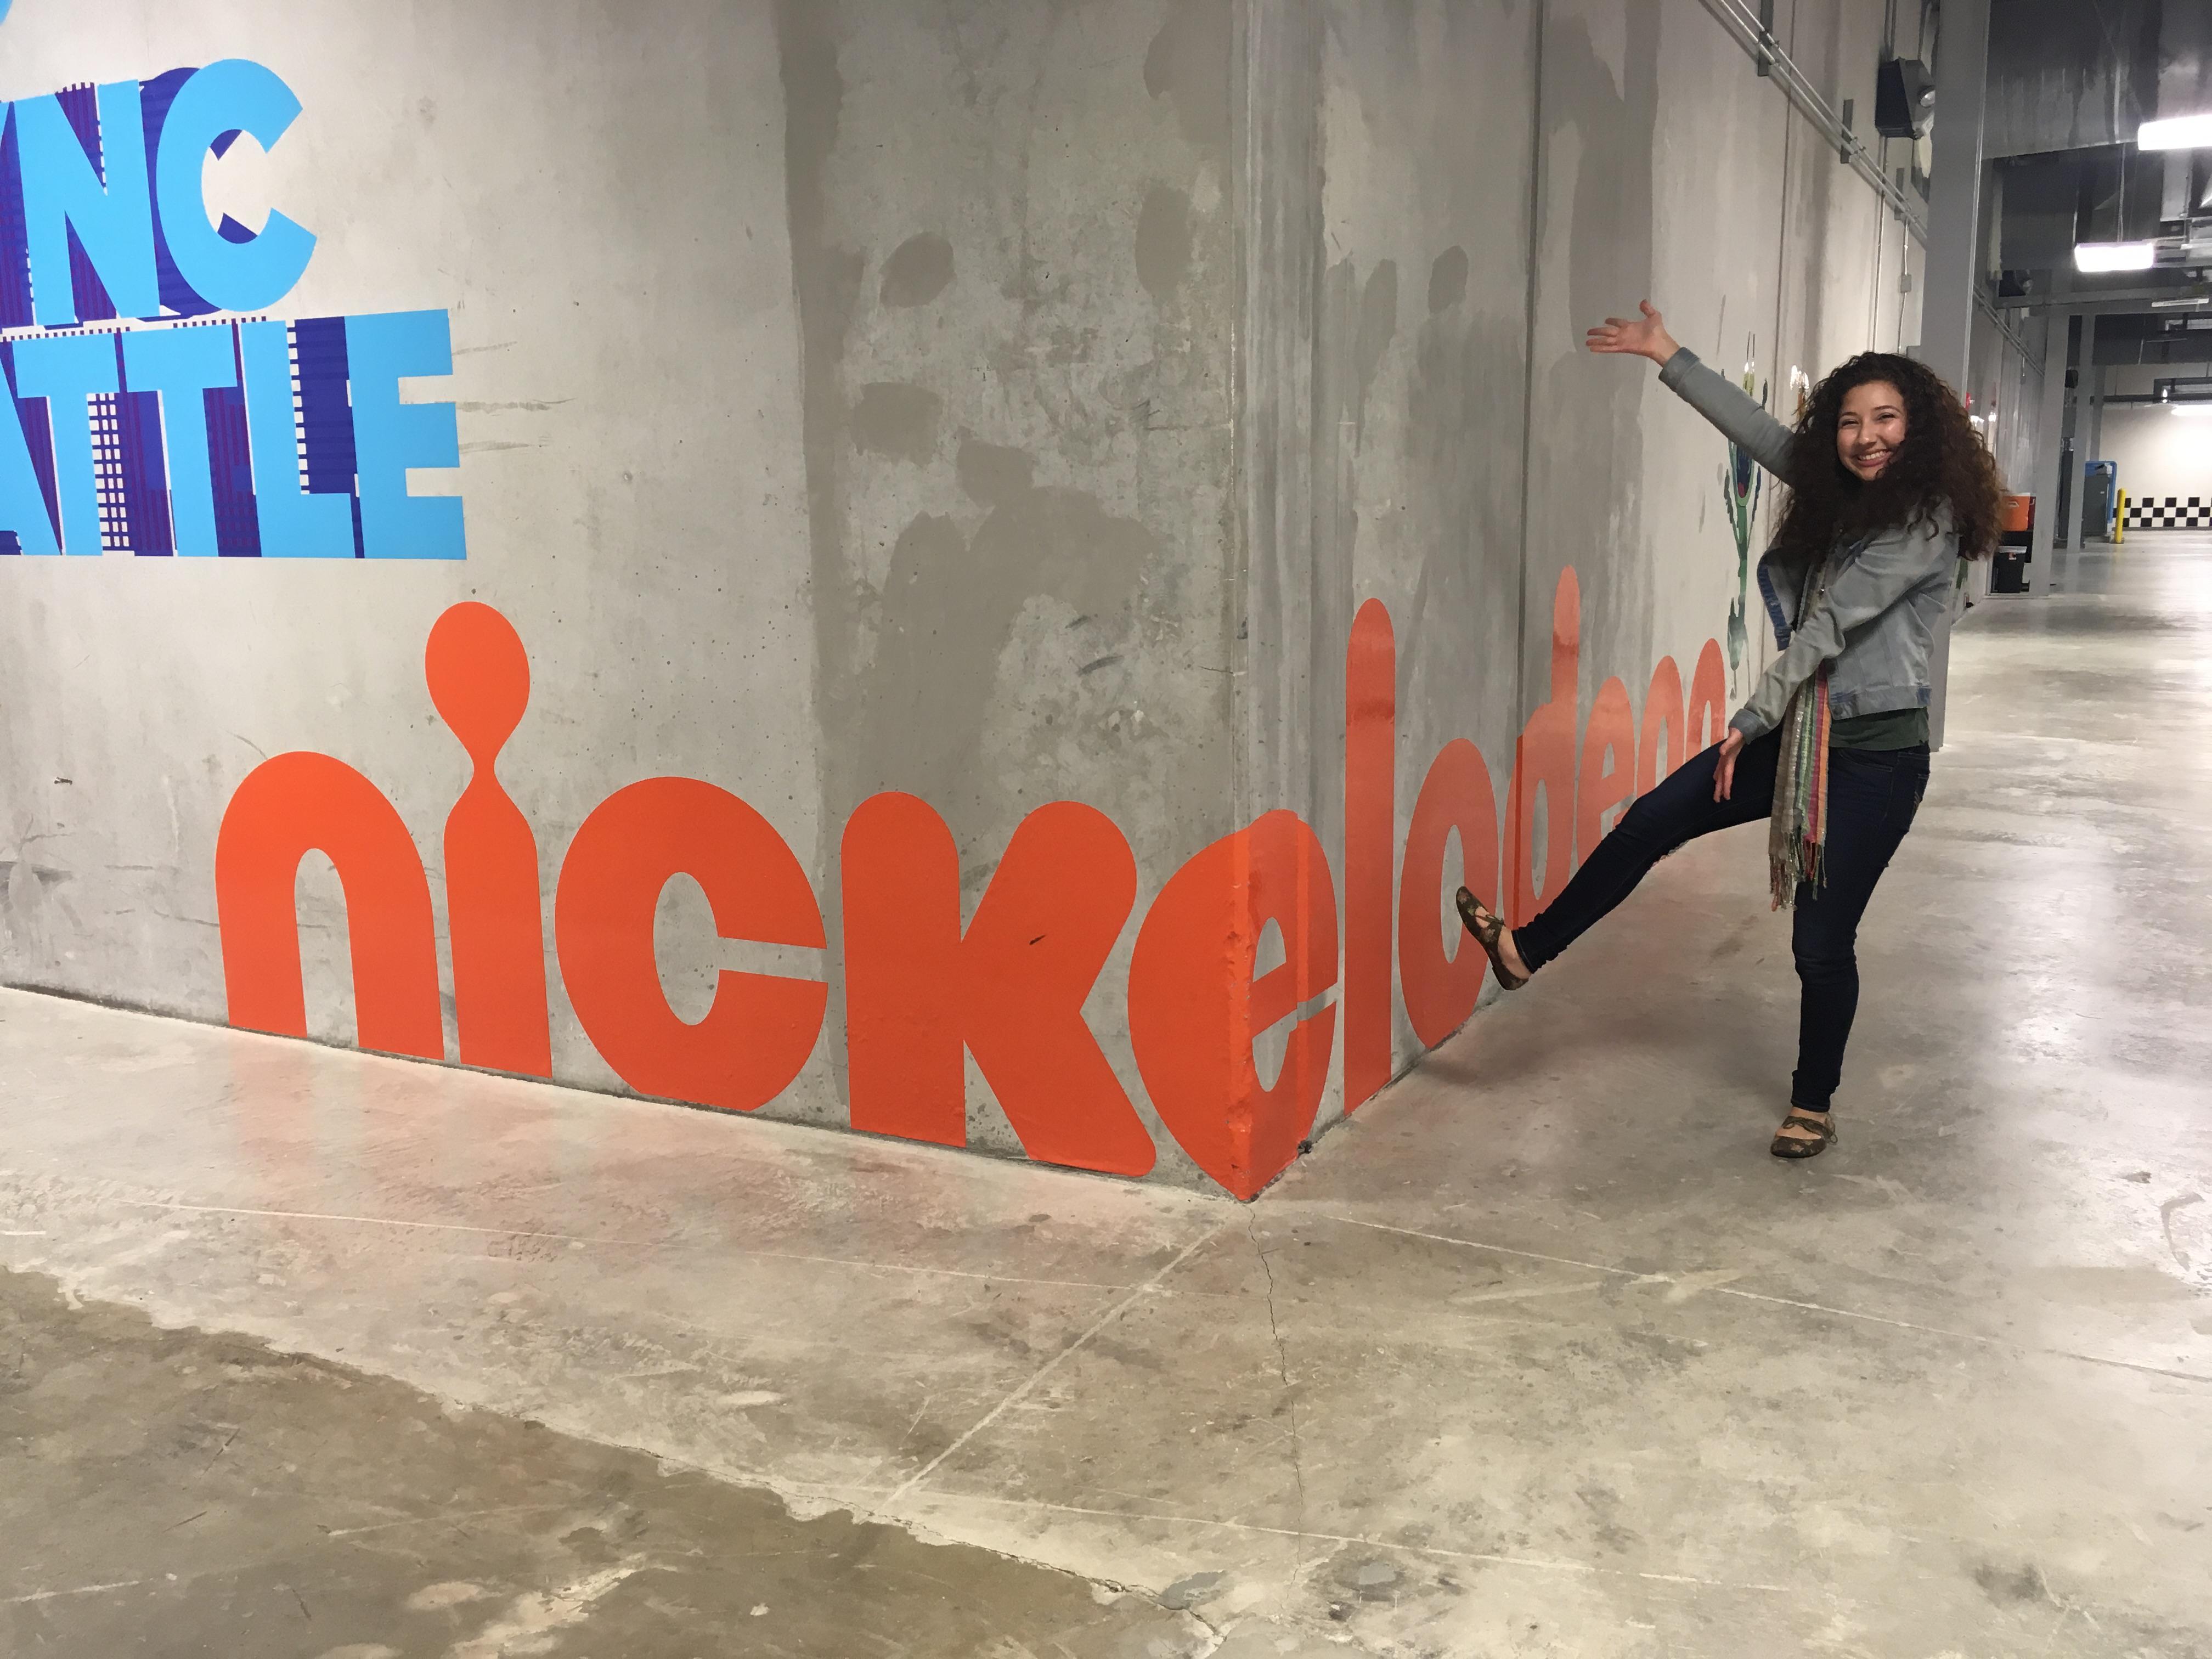 Nickelodeon (2017)